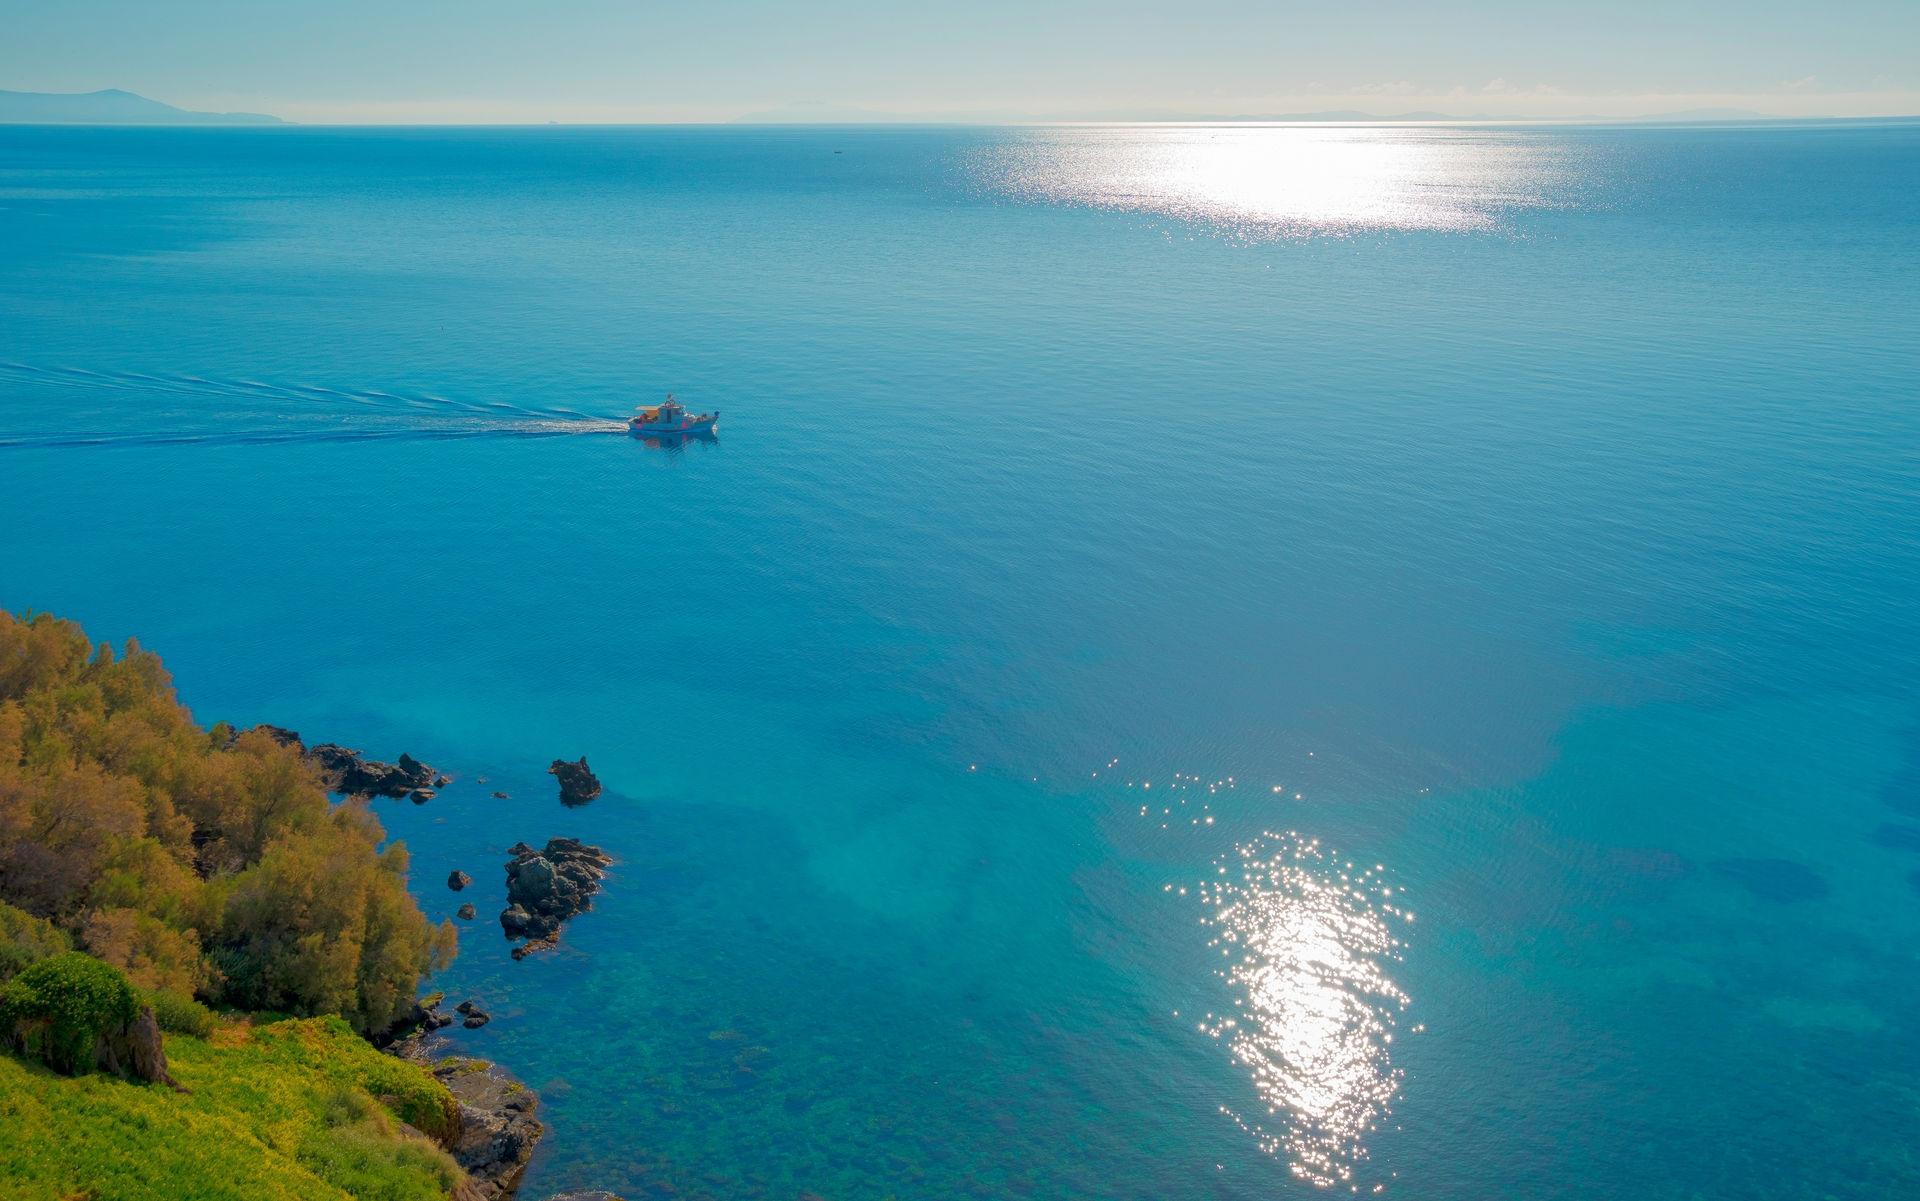 Π. Αδαμίδης: Βασικές έννοιες για την Τουρκία και το Δίκαιο της Θάλασσας